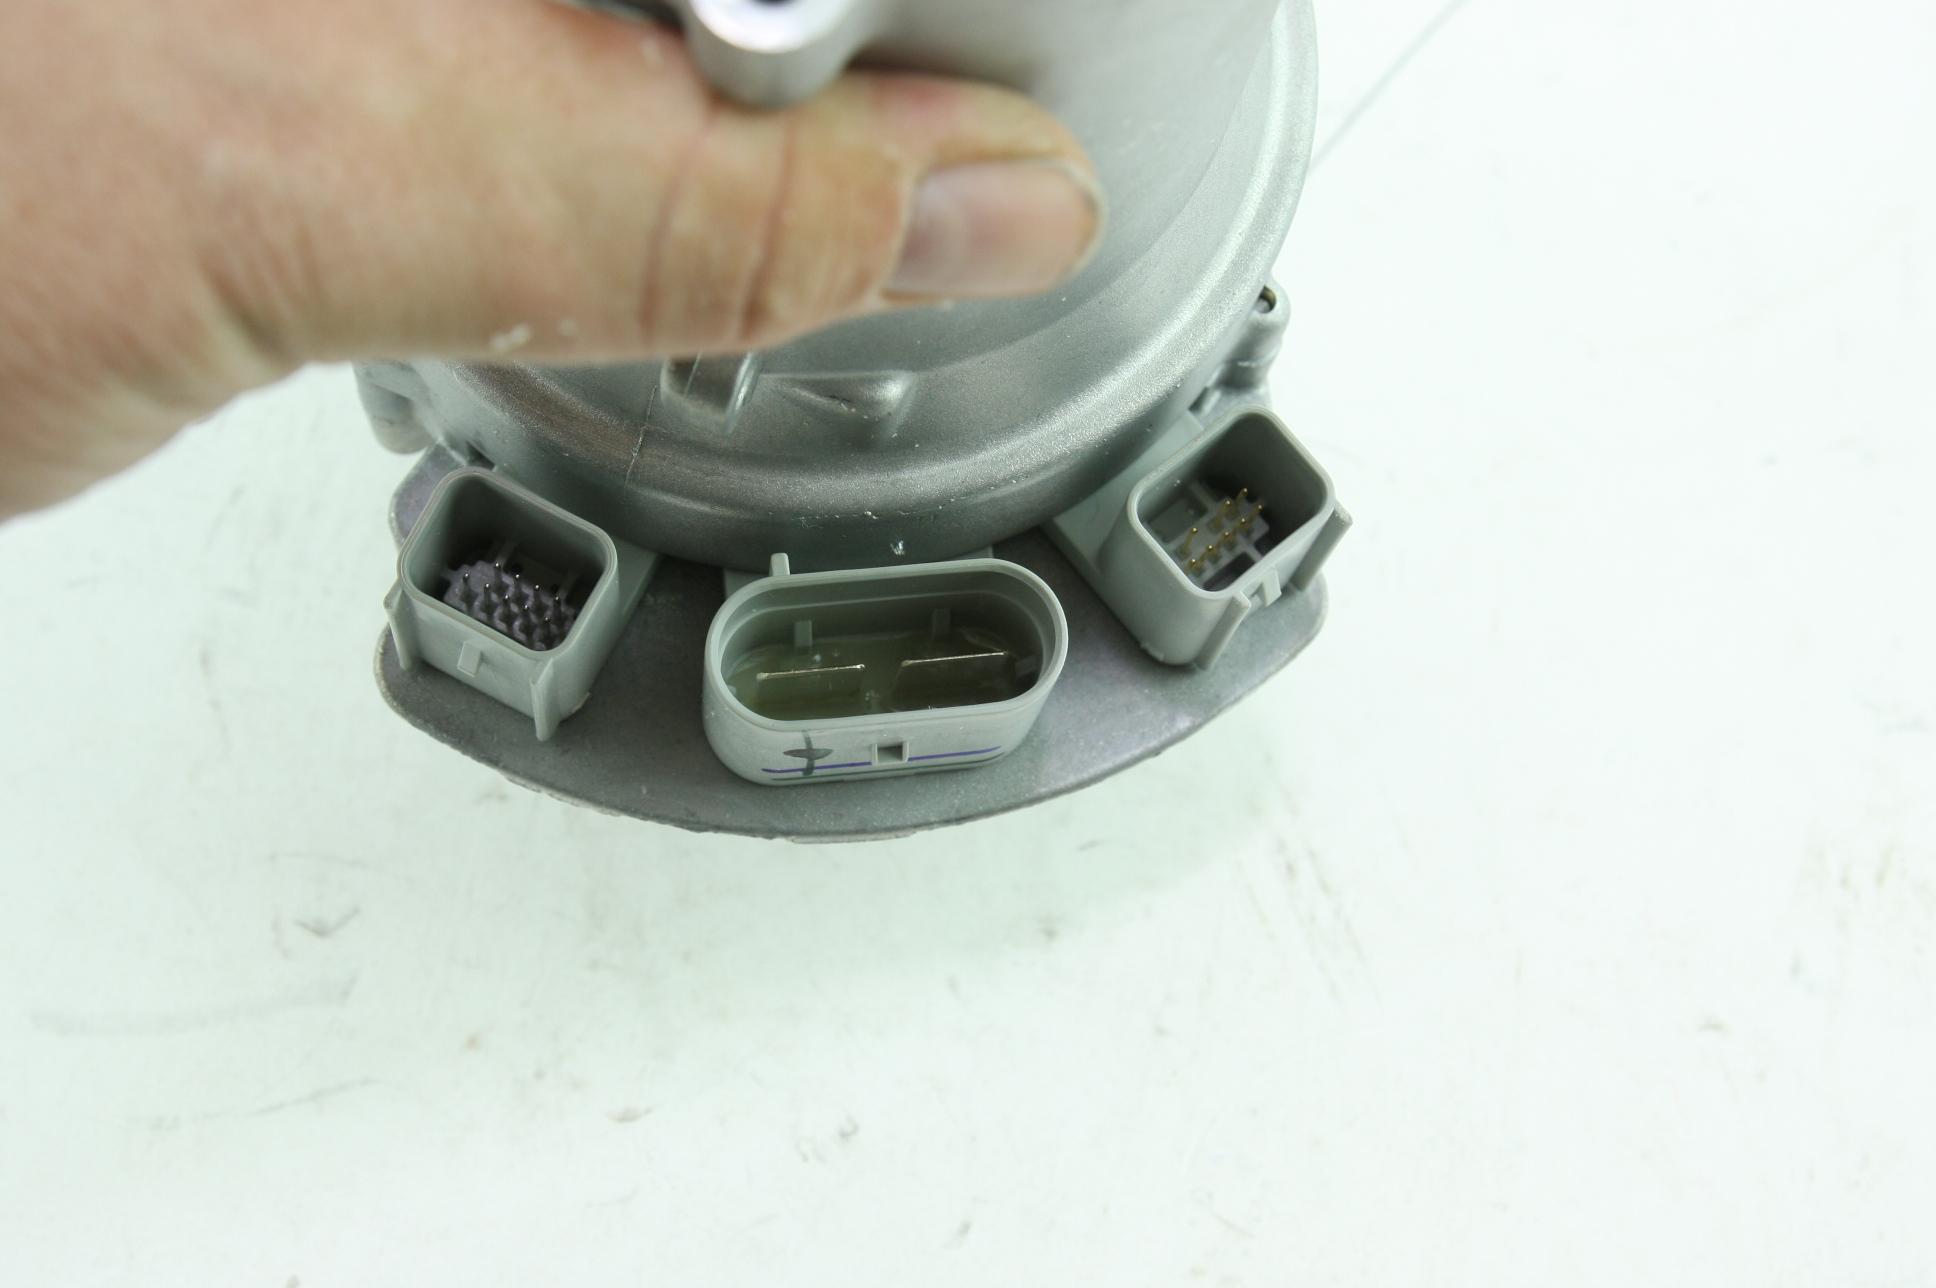 New OEM 23479299 Genuine GM Steering Gear Electric Power Steering Motor NIP - image 6